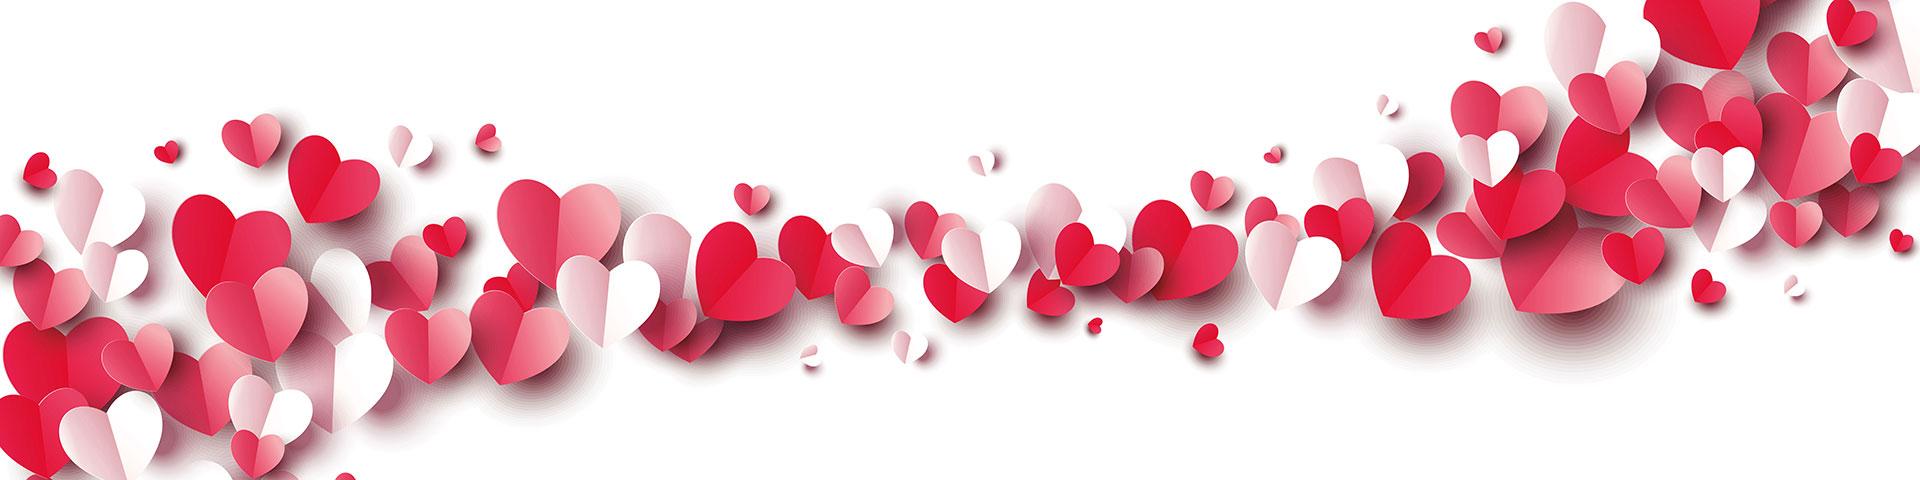 Wir lieben unsere KundInnen mit roten u weißen Herzen bringen wir das zum Ausdruck